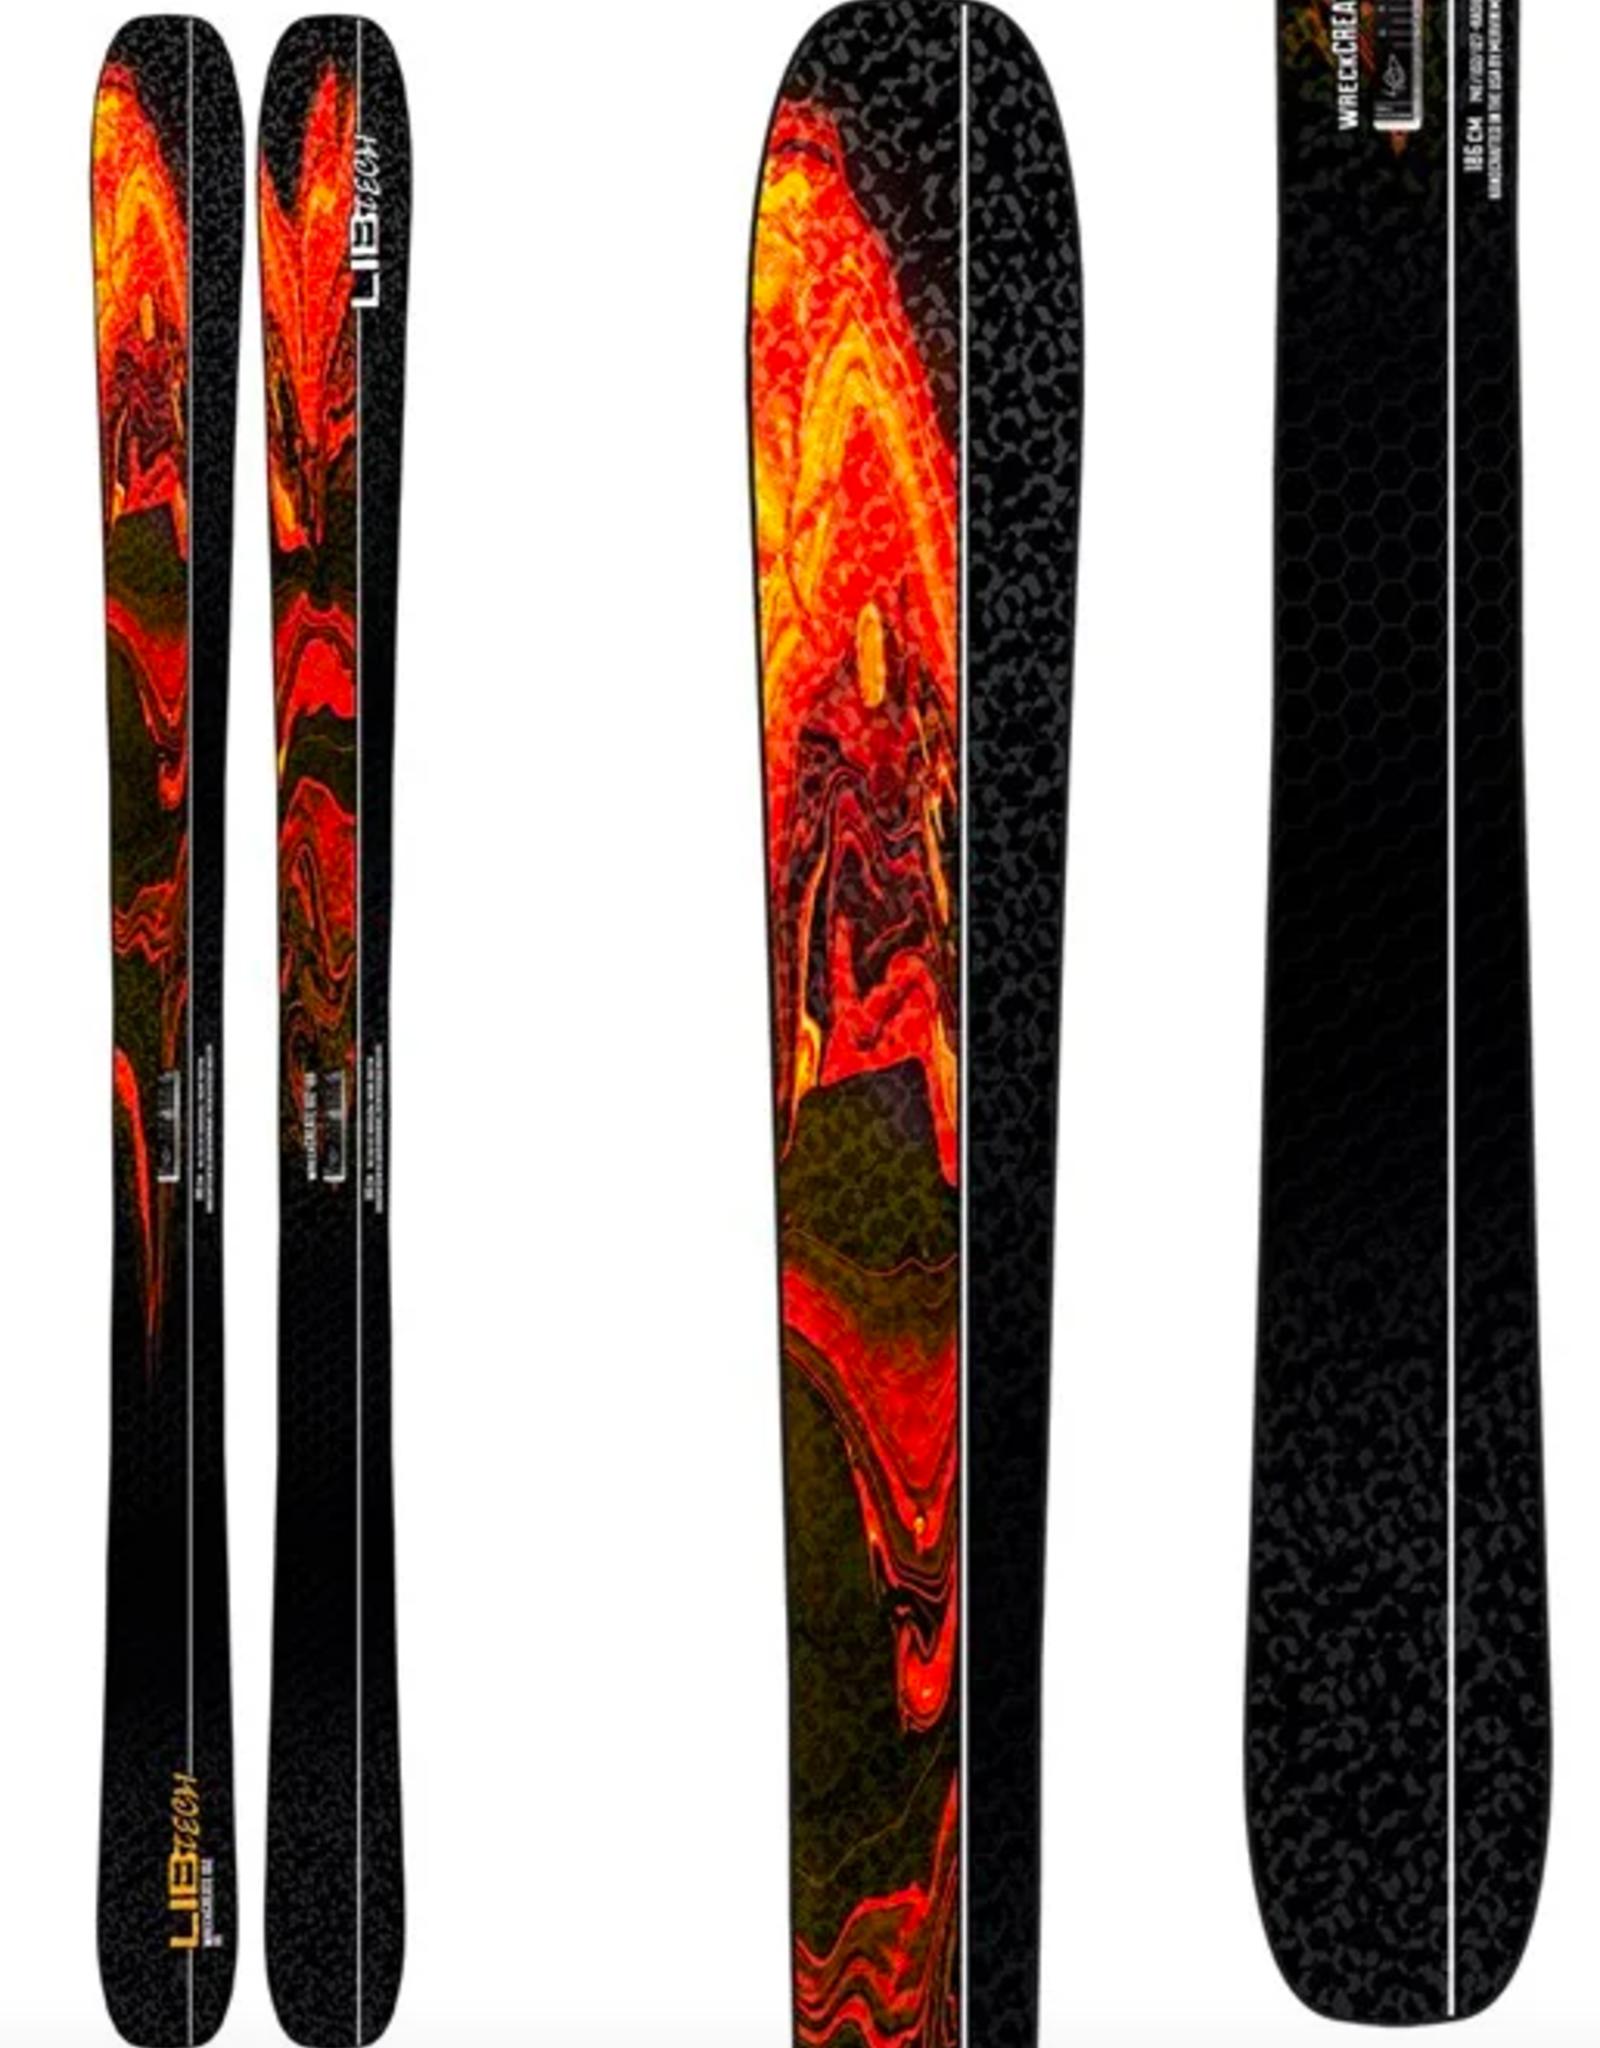 LIB TECH Lib Tech Men's WreckCreate 102 Skis 2021